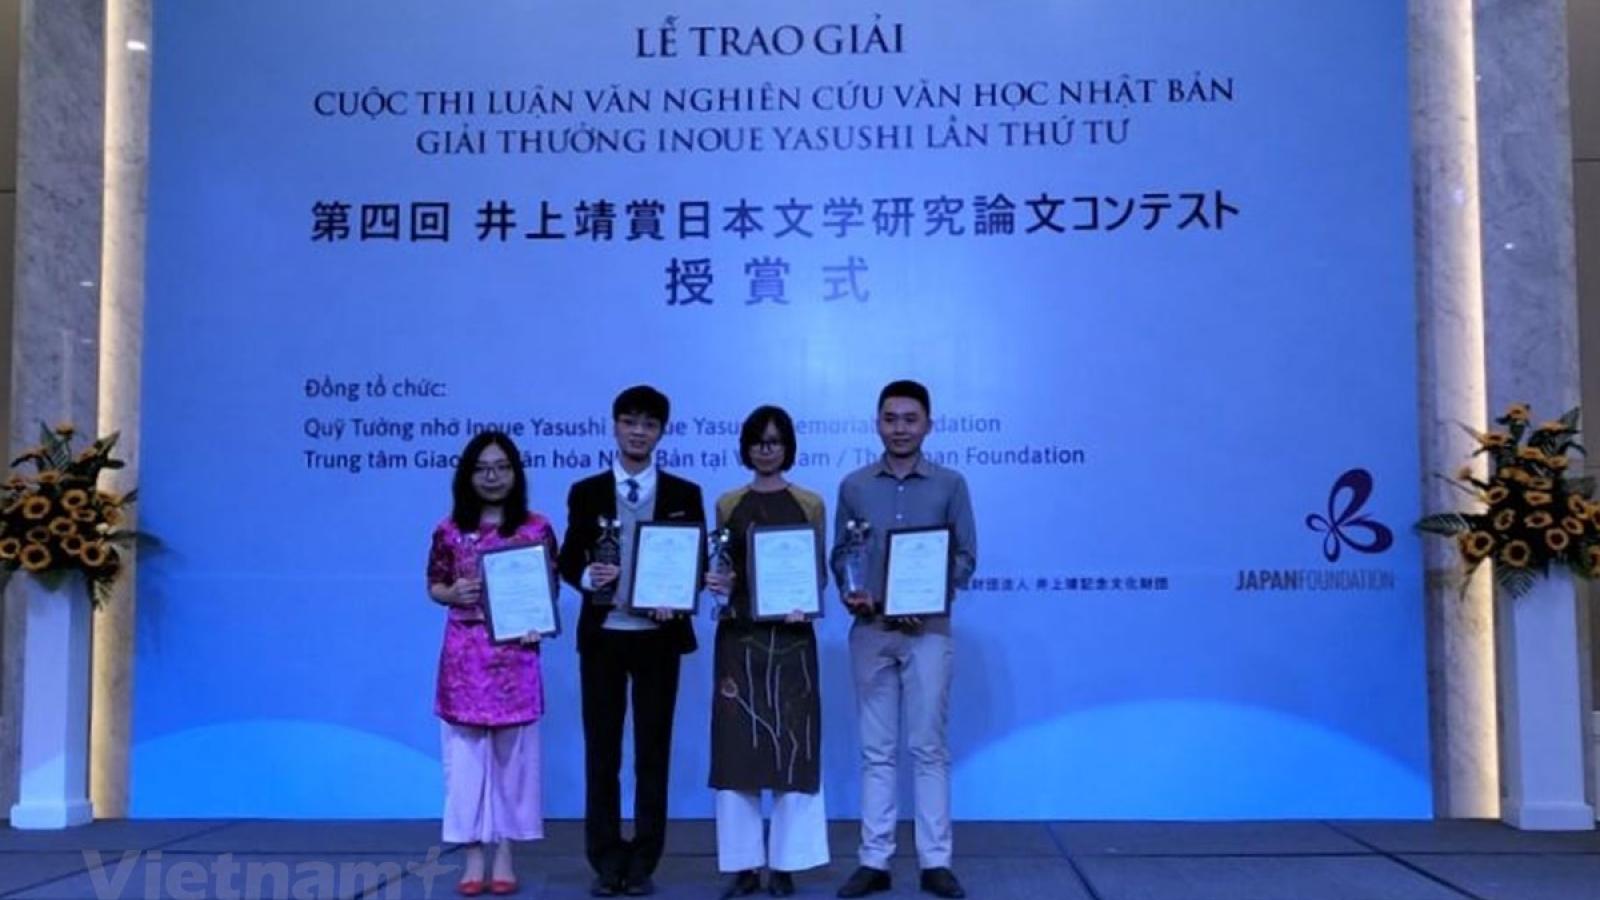 Four Vietnamese authors awarded Inoue Yasushi Prize